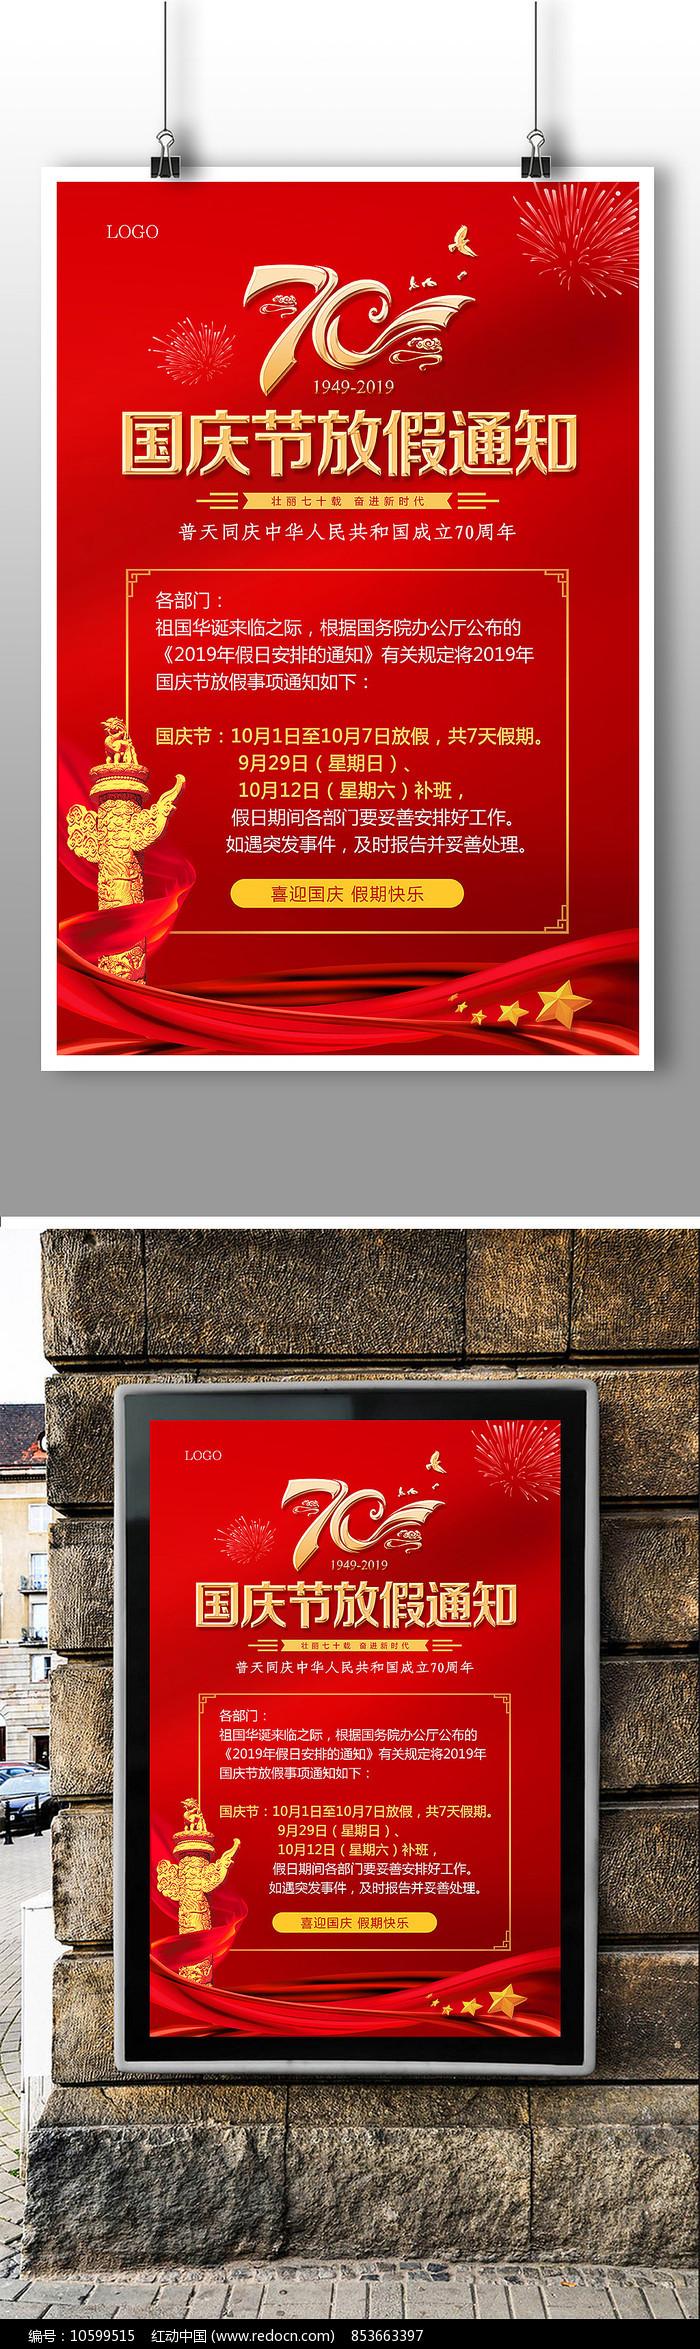 国庆节放假通知海报设计图片